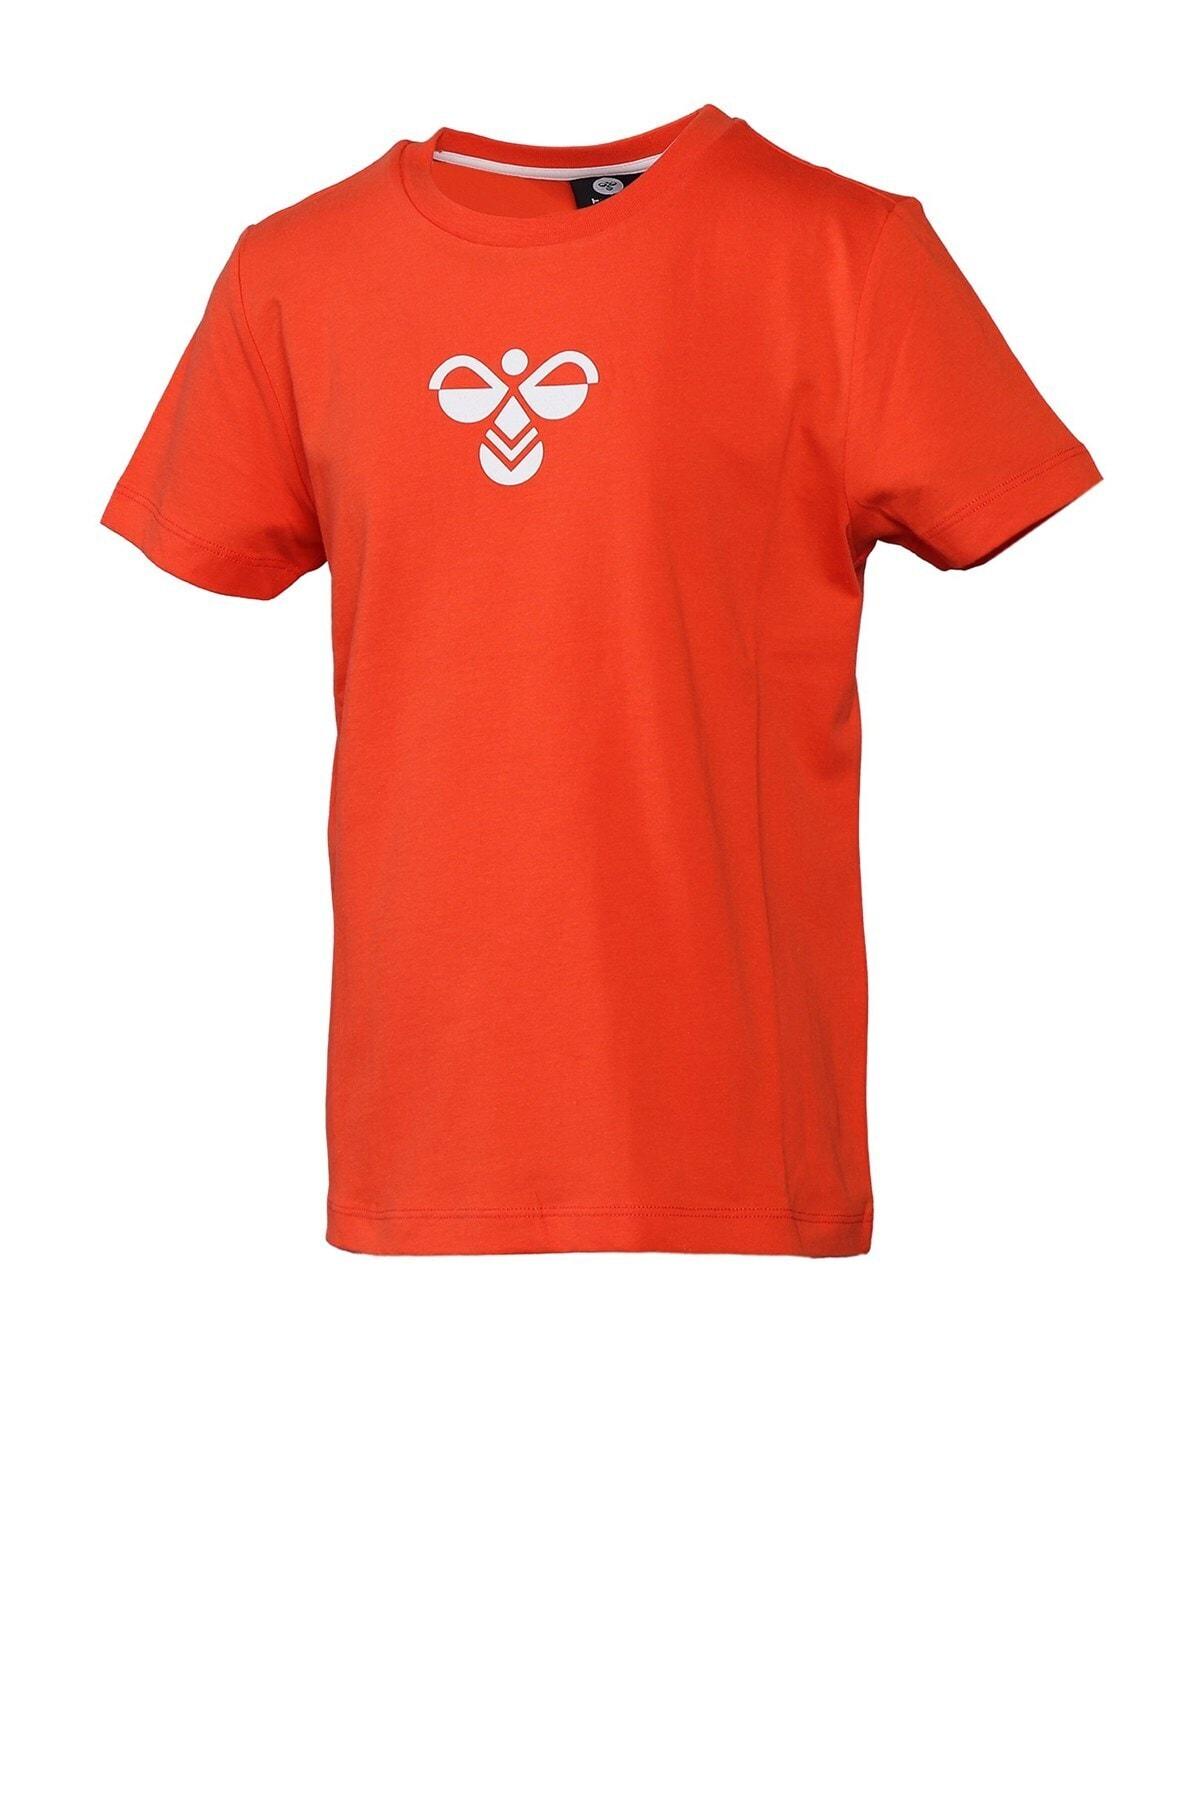 HUMMEL Unisex Çocuk Kırmızı Tişört 911298-1102 2